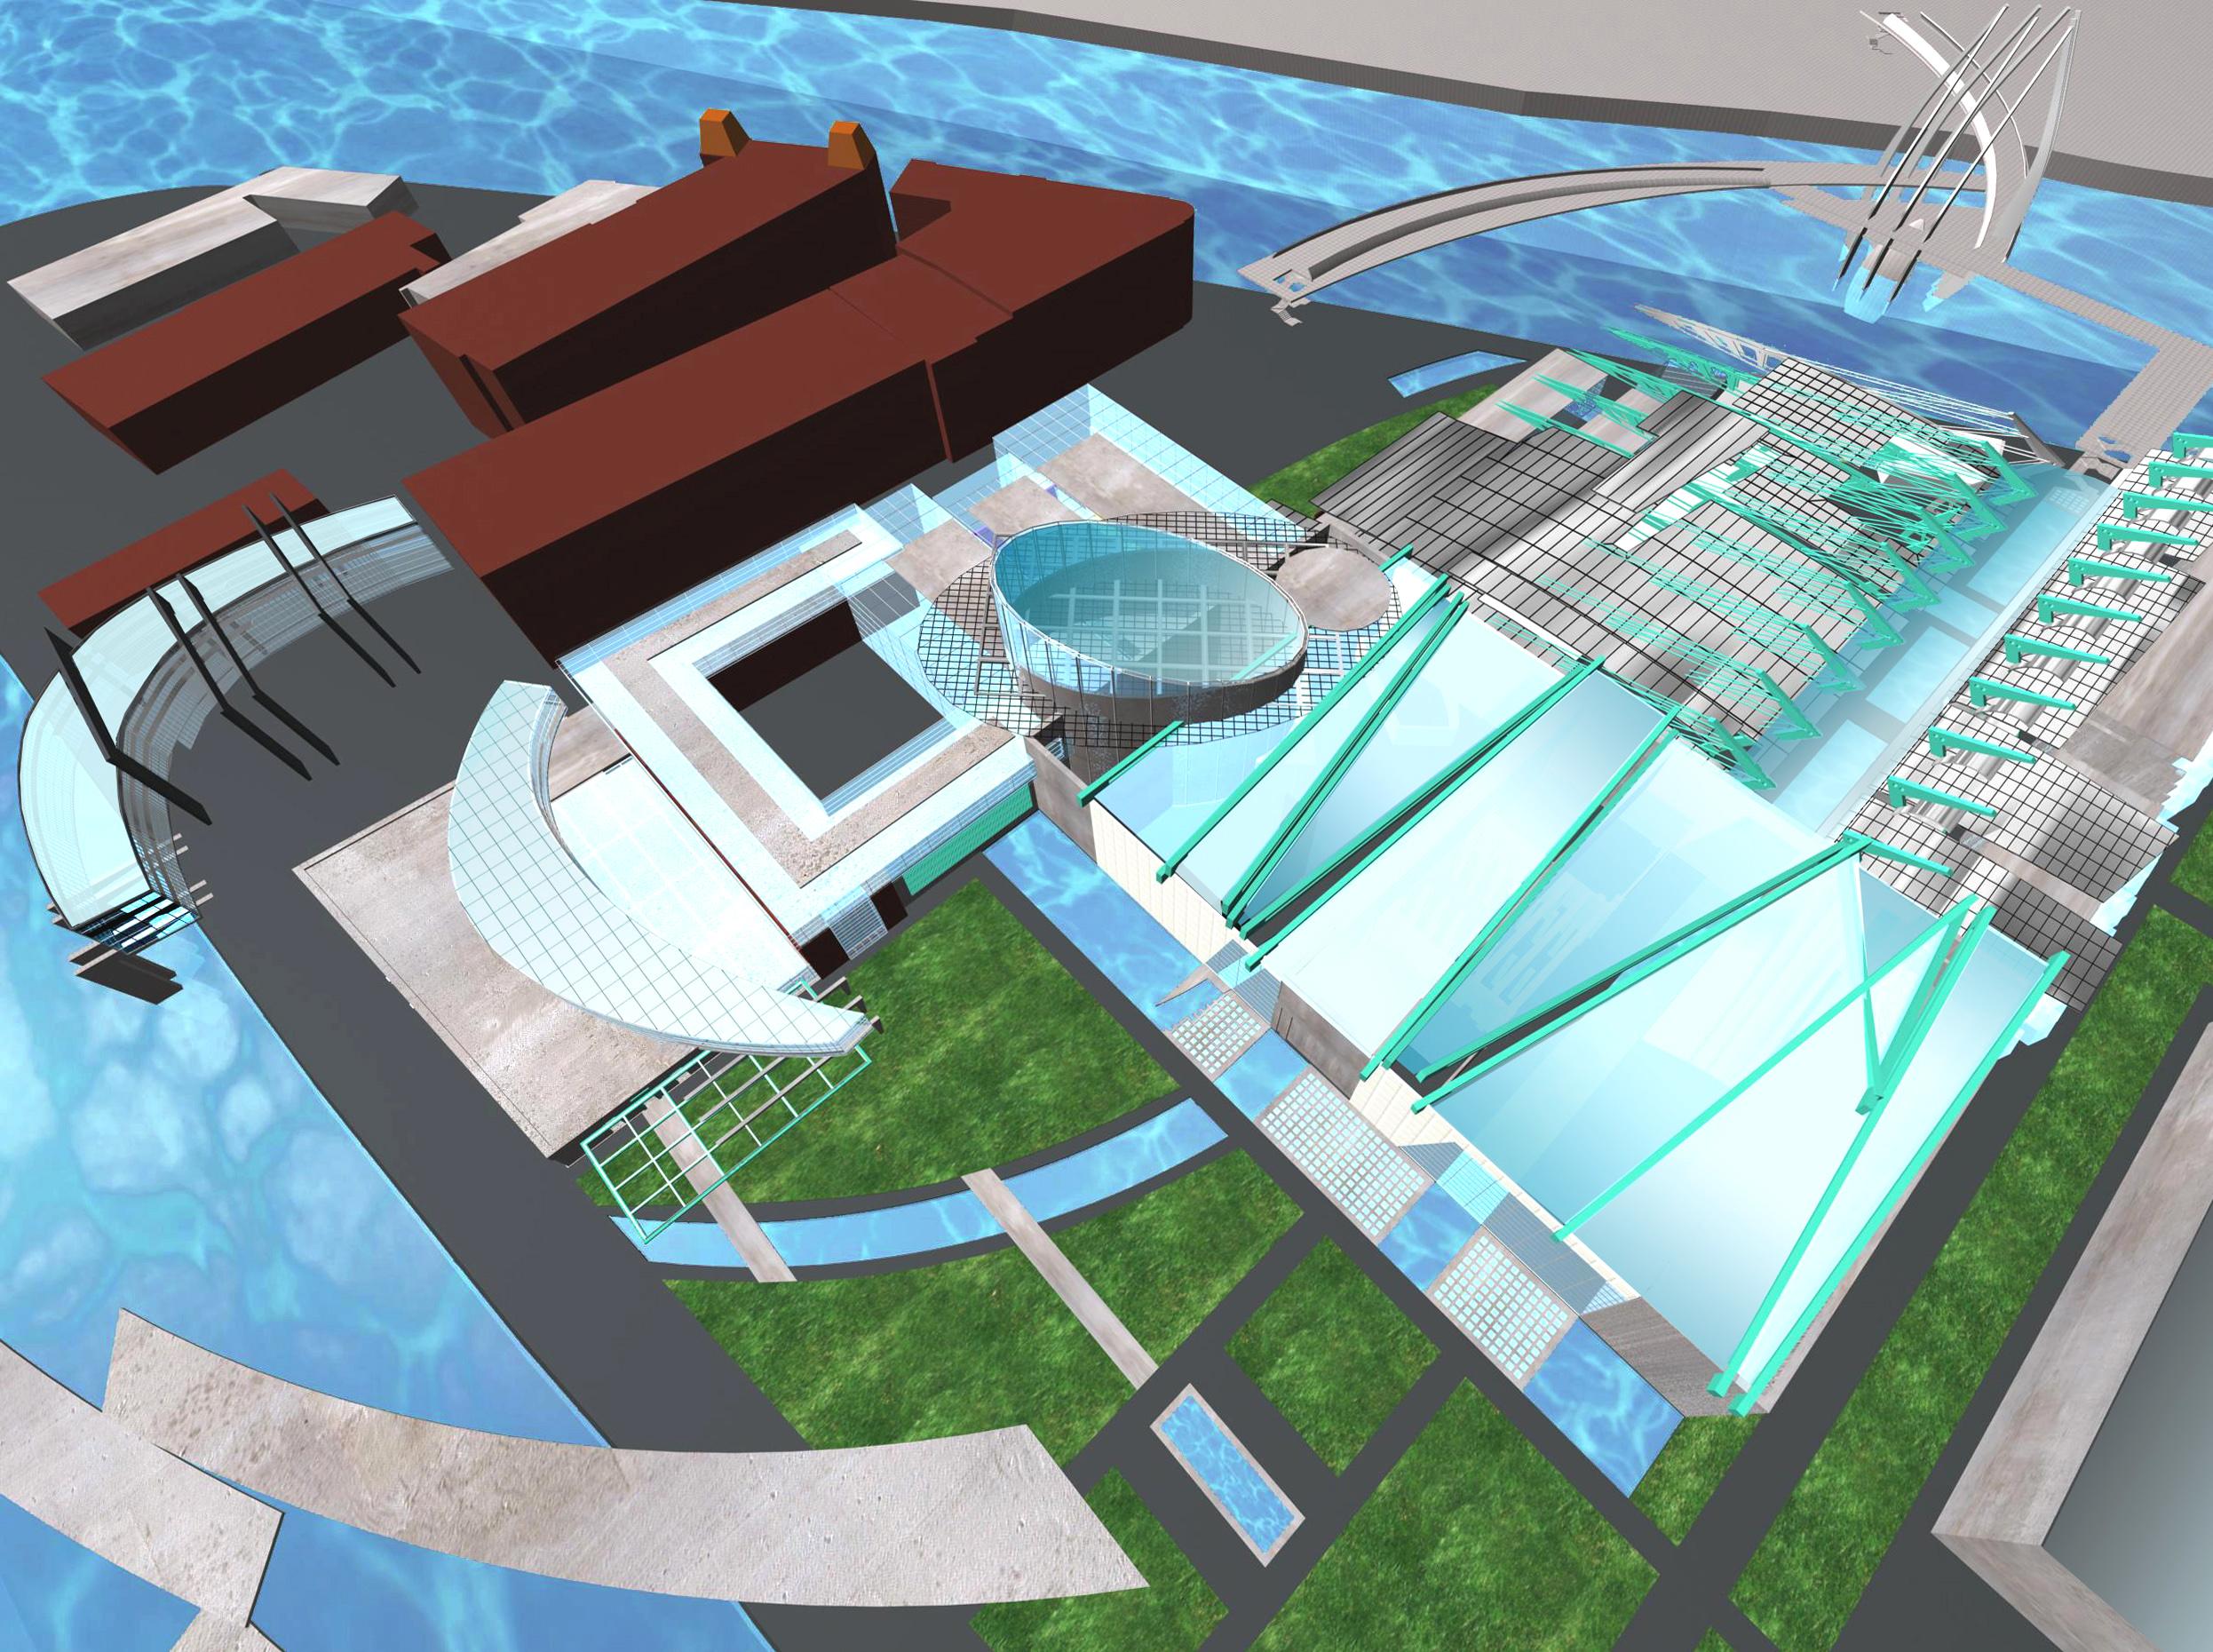 Разработка архитектурной концепции театра оперы и балета фото f_47452e82b6173863.jpg